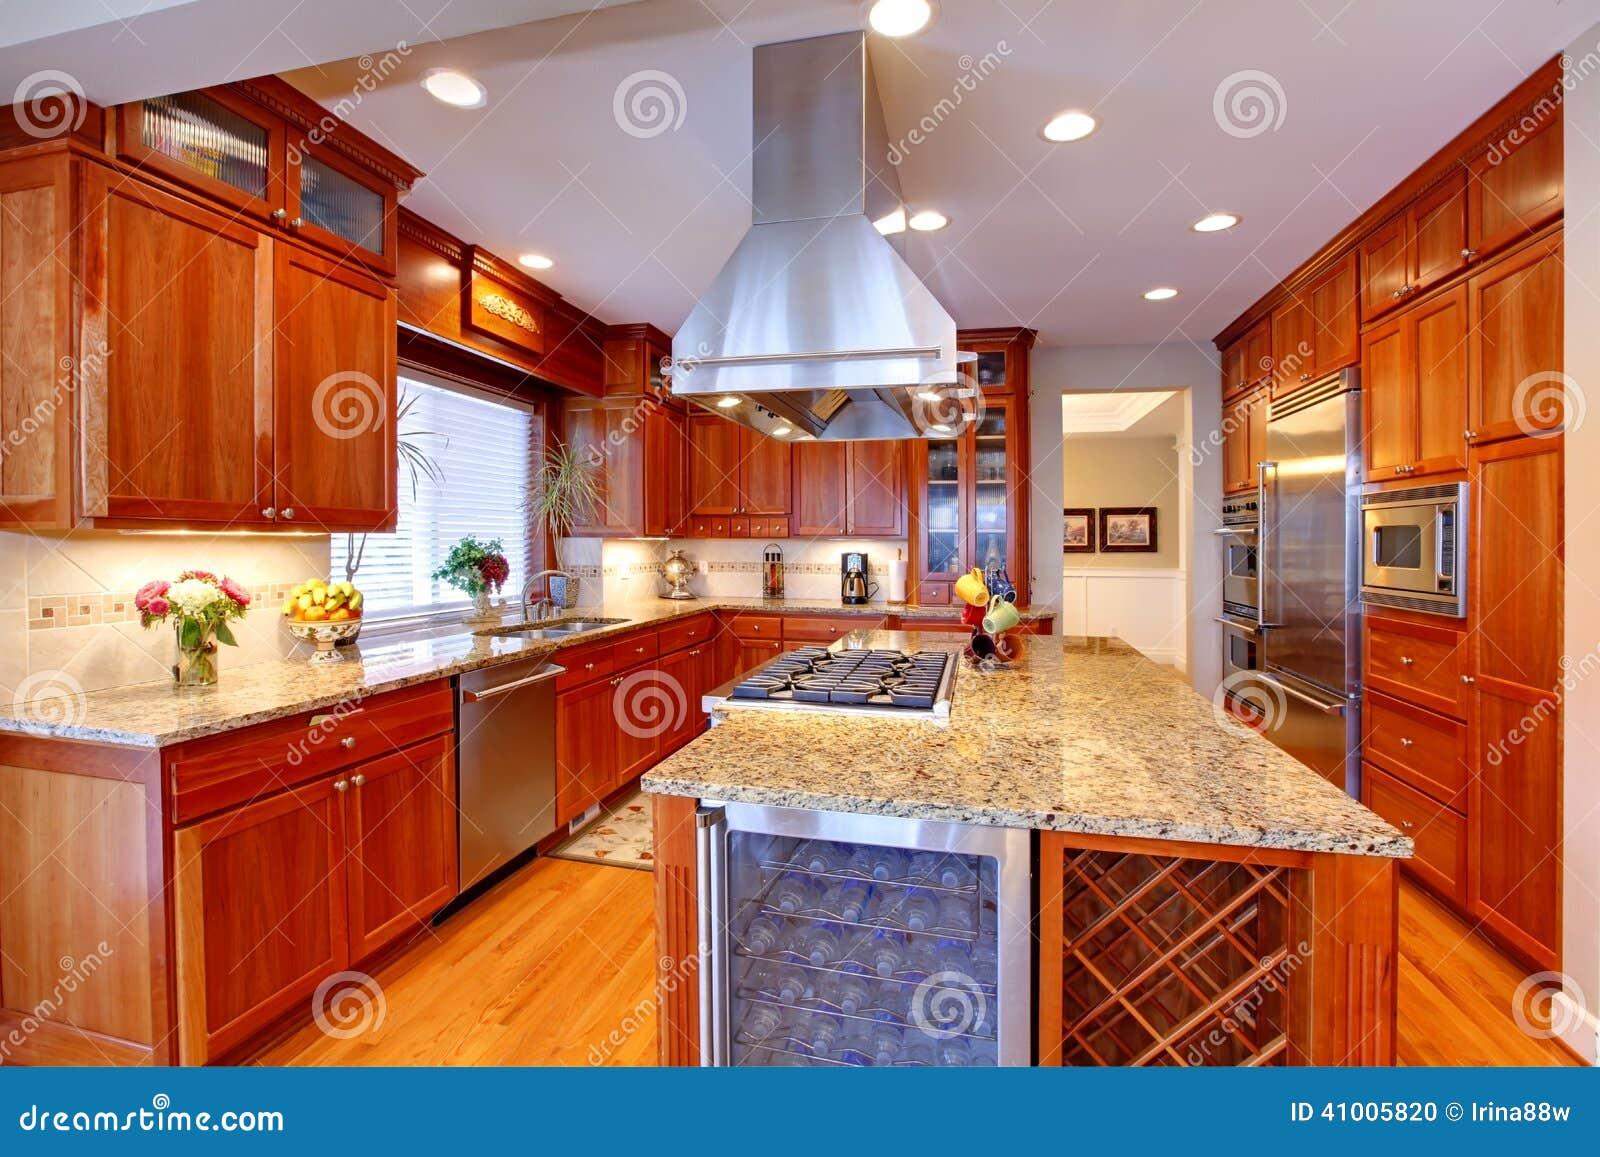 Luxury kitchen room stock photo image 41005820 - Luxury kitchen room ...